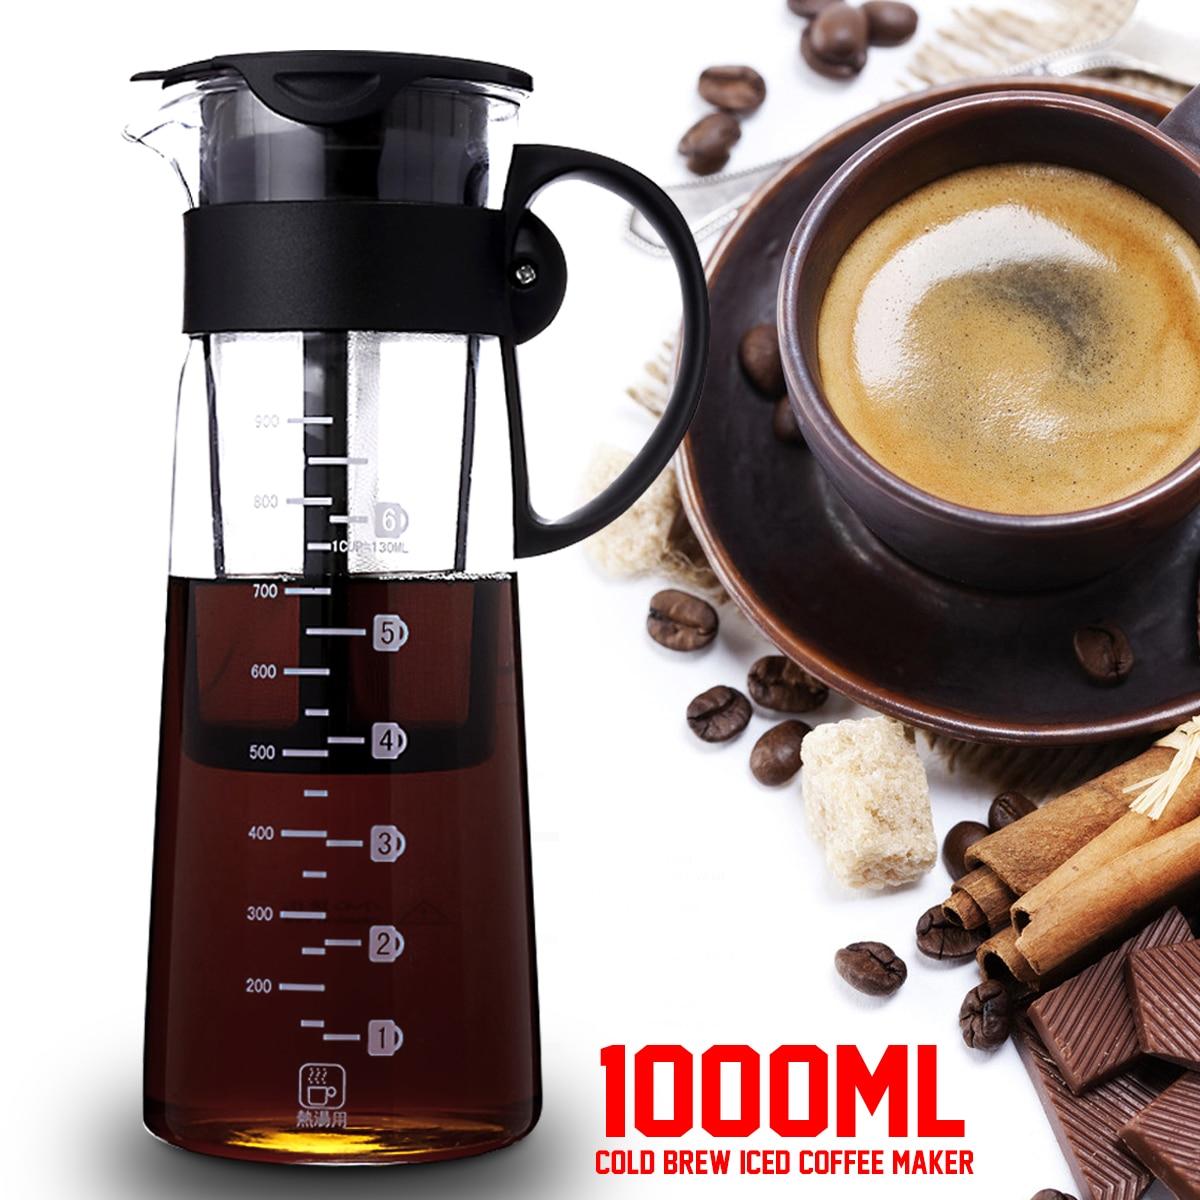 1000 мл холодной варить, Кофе Maker герметичное уплотнение Чай чайник W/фильтр и ручка съемная тепло- нескользящие Стекло многоразовые Filte